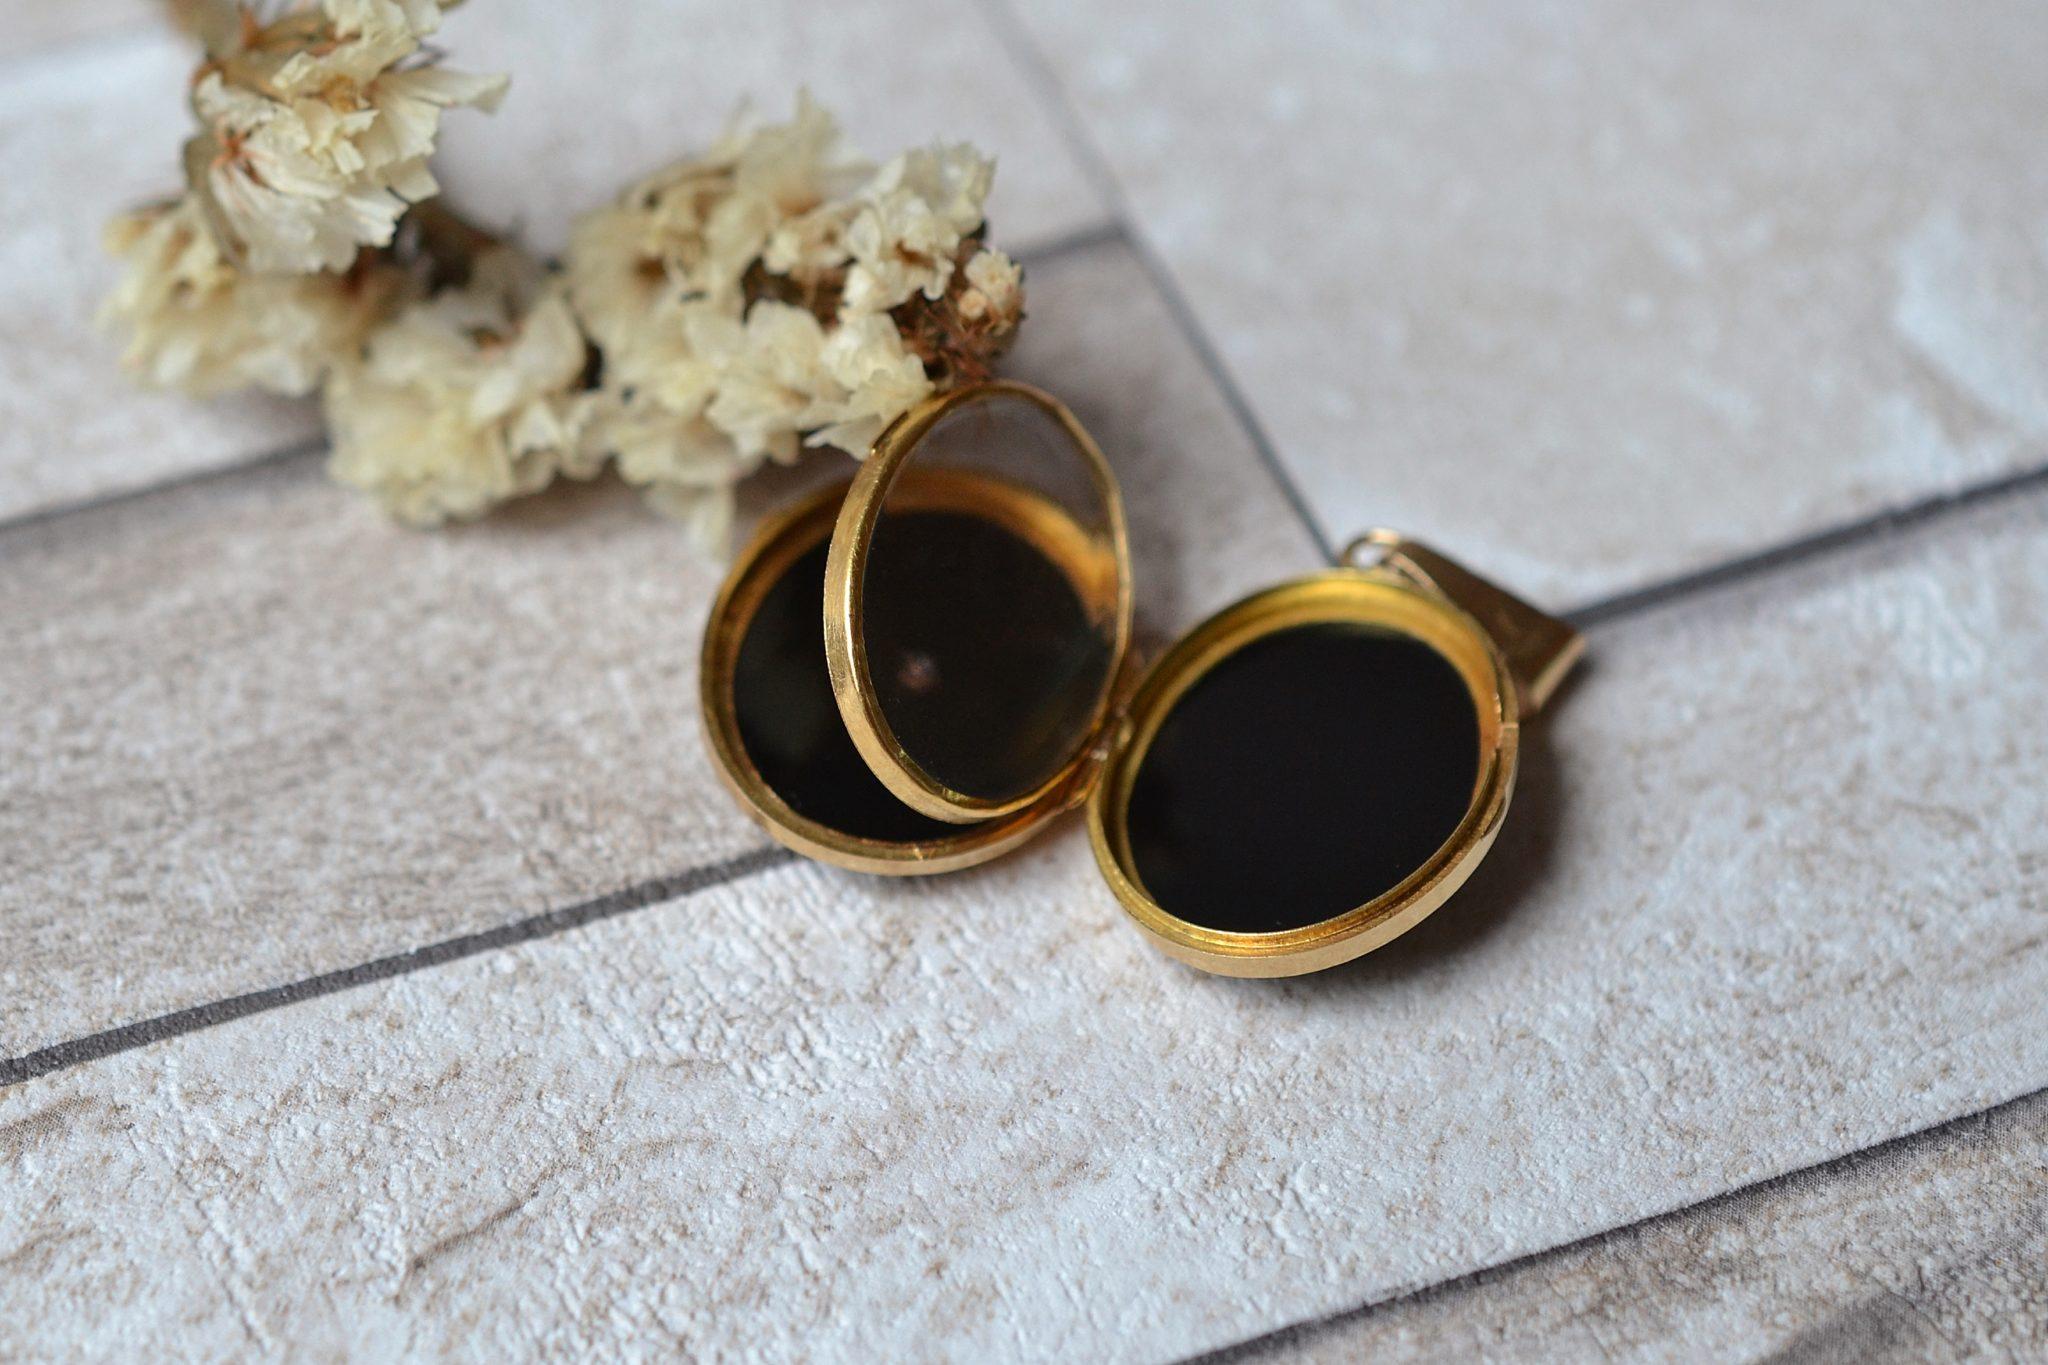 Pendentif porte-souvenir monture en Or jaune, serti de deux plaques d_Onyx et d_un écusson - bijou rétro